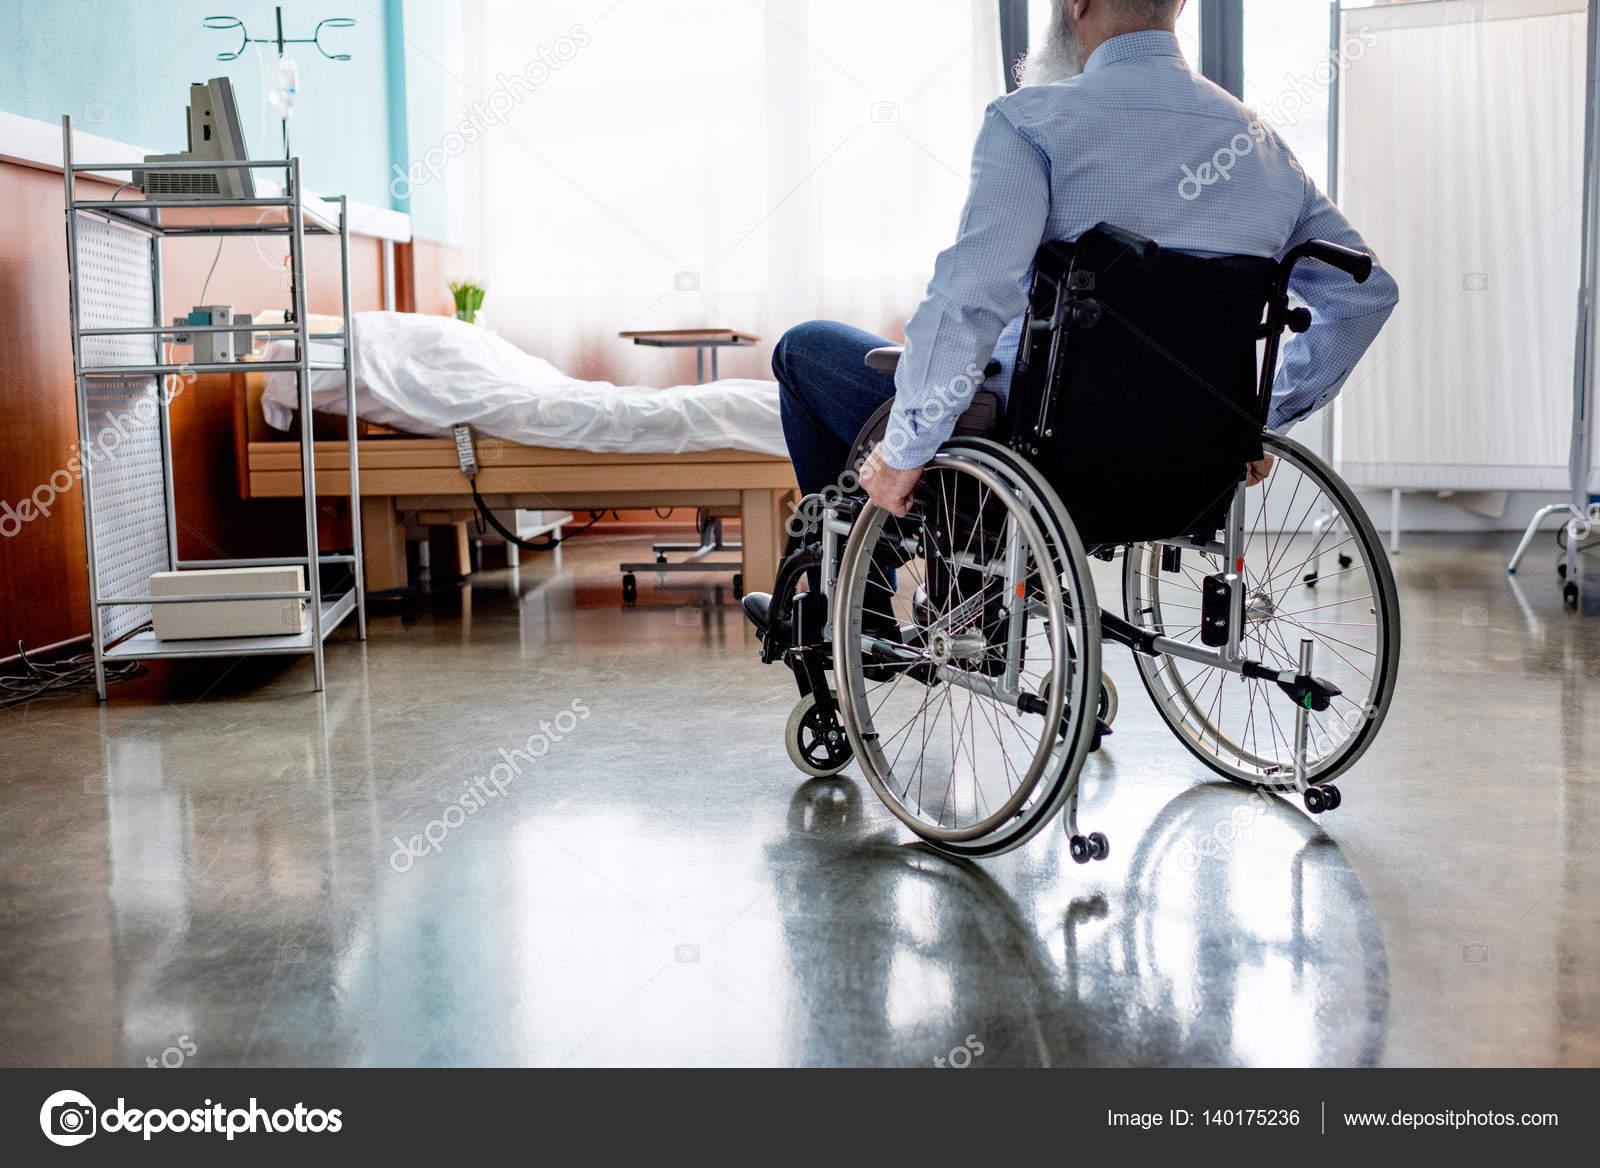 Приснился во сне давно умерший знакомый парень в инвалидной коляске.